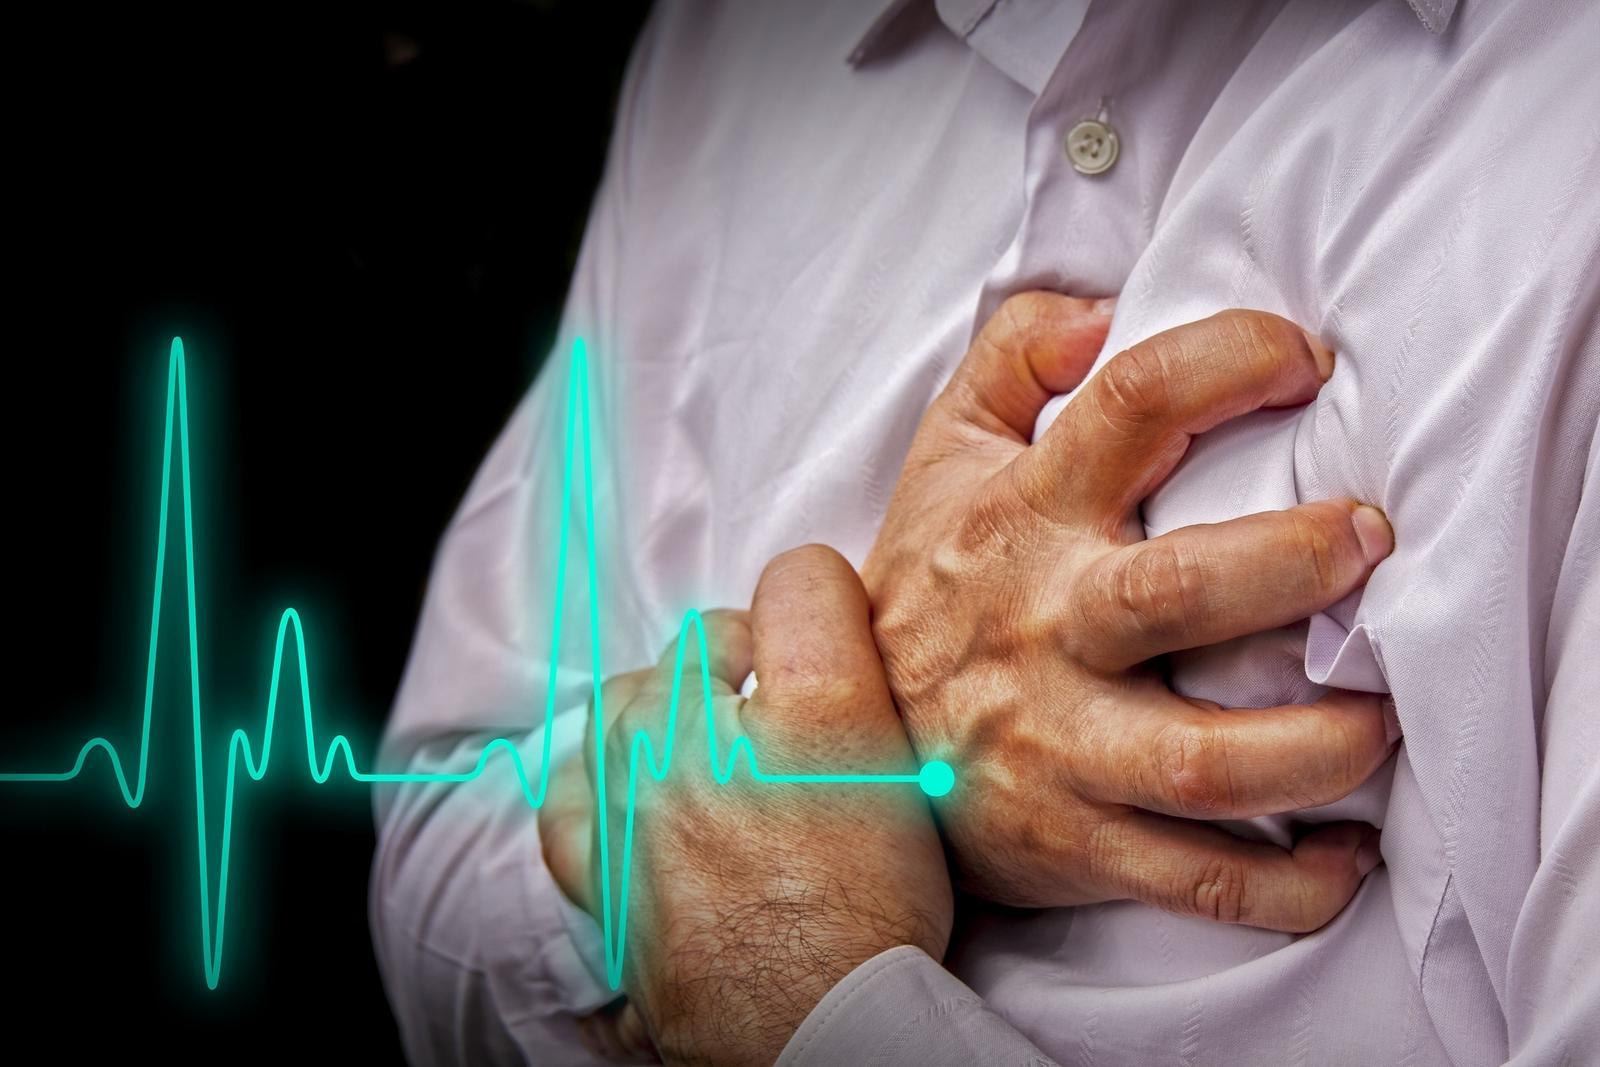 Padidėjęs kraujospūdis (hipertenzija) – Nemuno krašto laikraštis